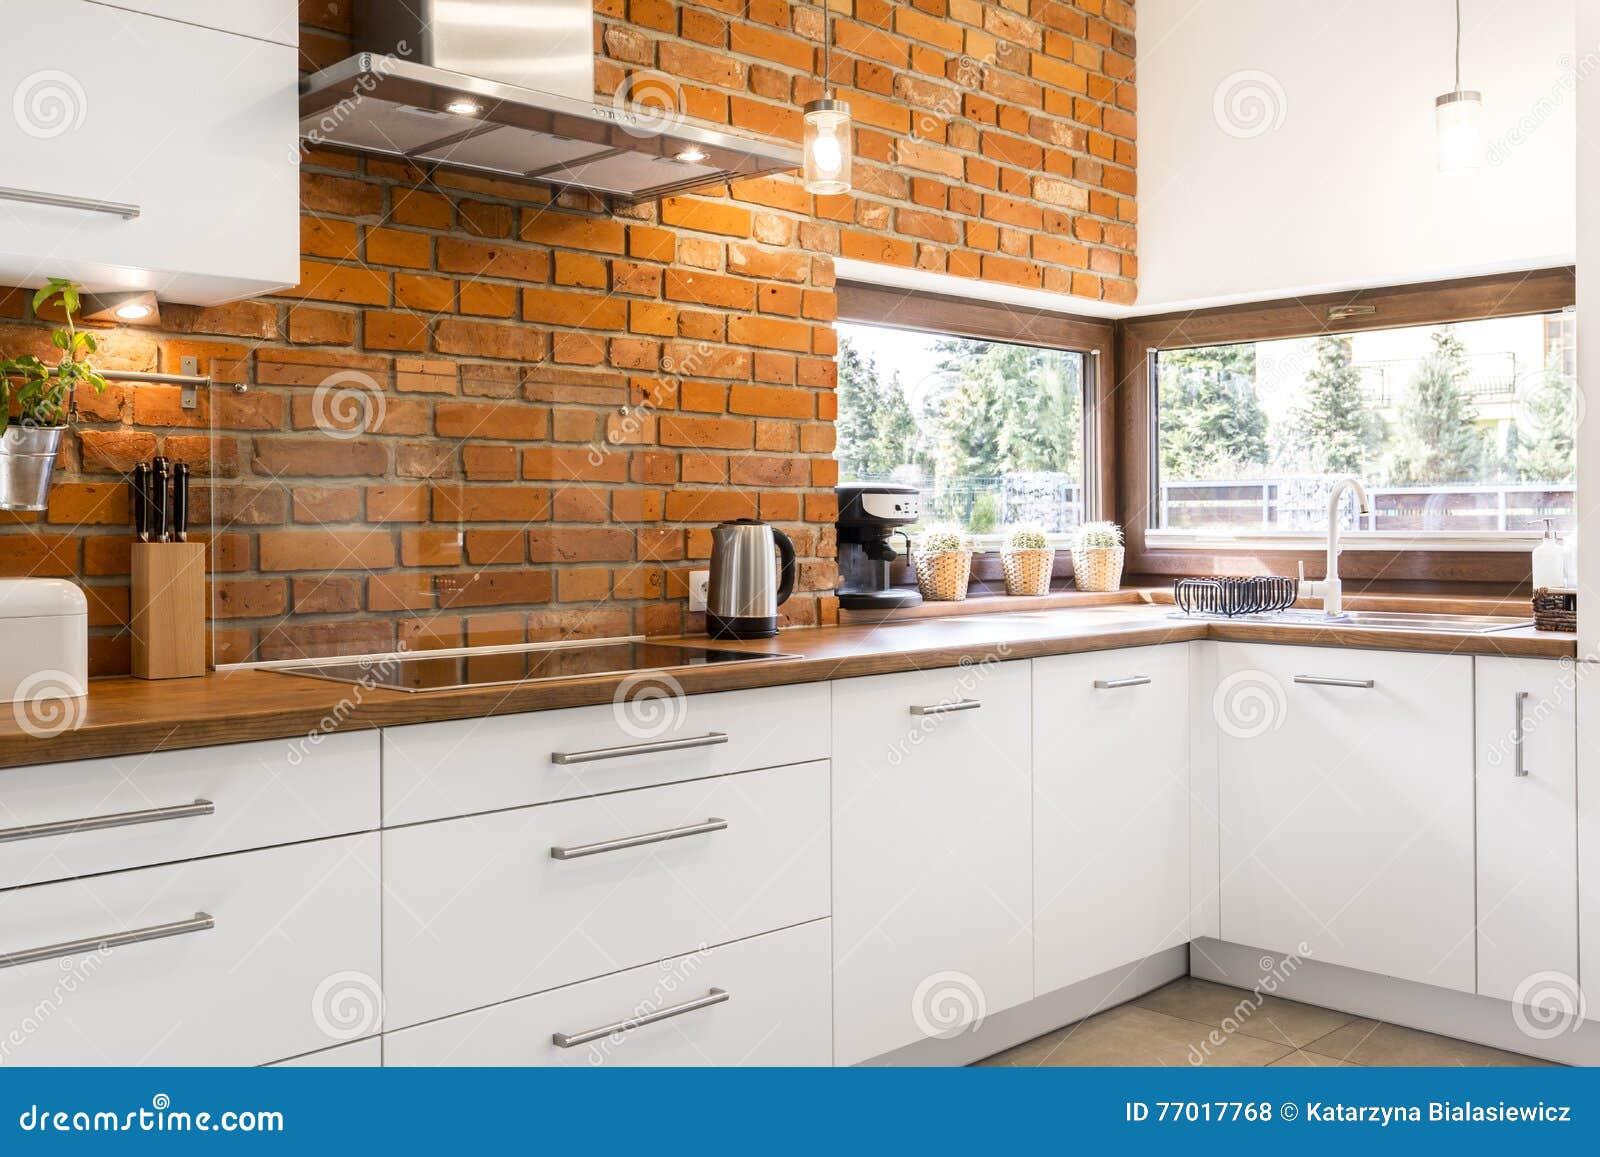 Kuchnia Z ściana Z Cegieł Zdjęcie Stock Obraz Złożonej Z